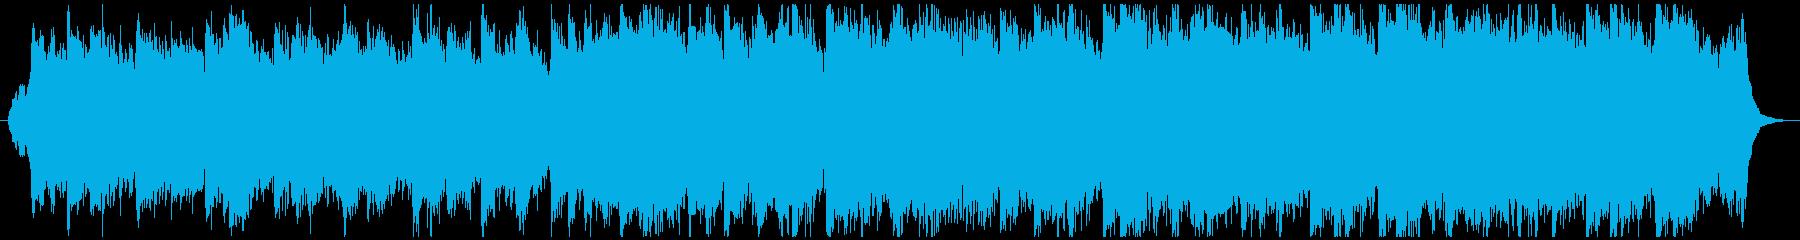 ヒーリング結婚式 美しいバラードワルツhの再生済みの波形